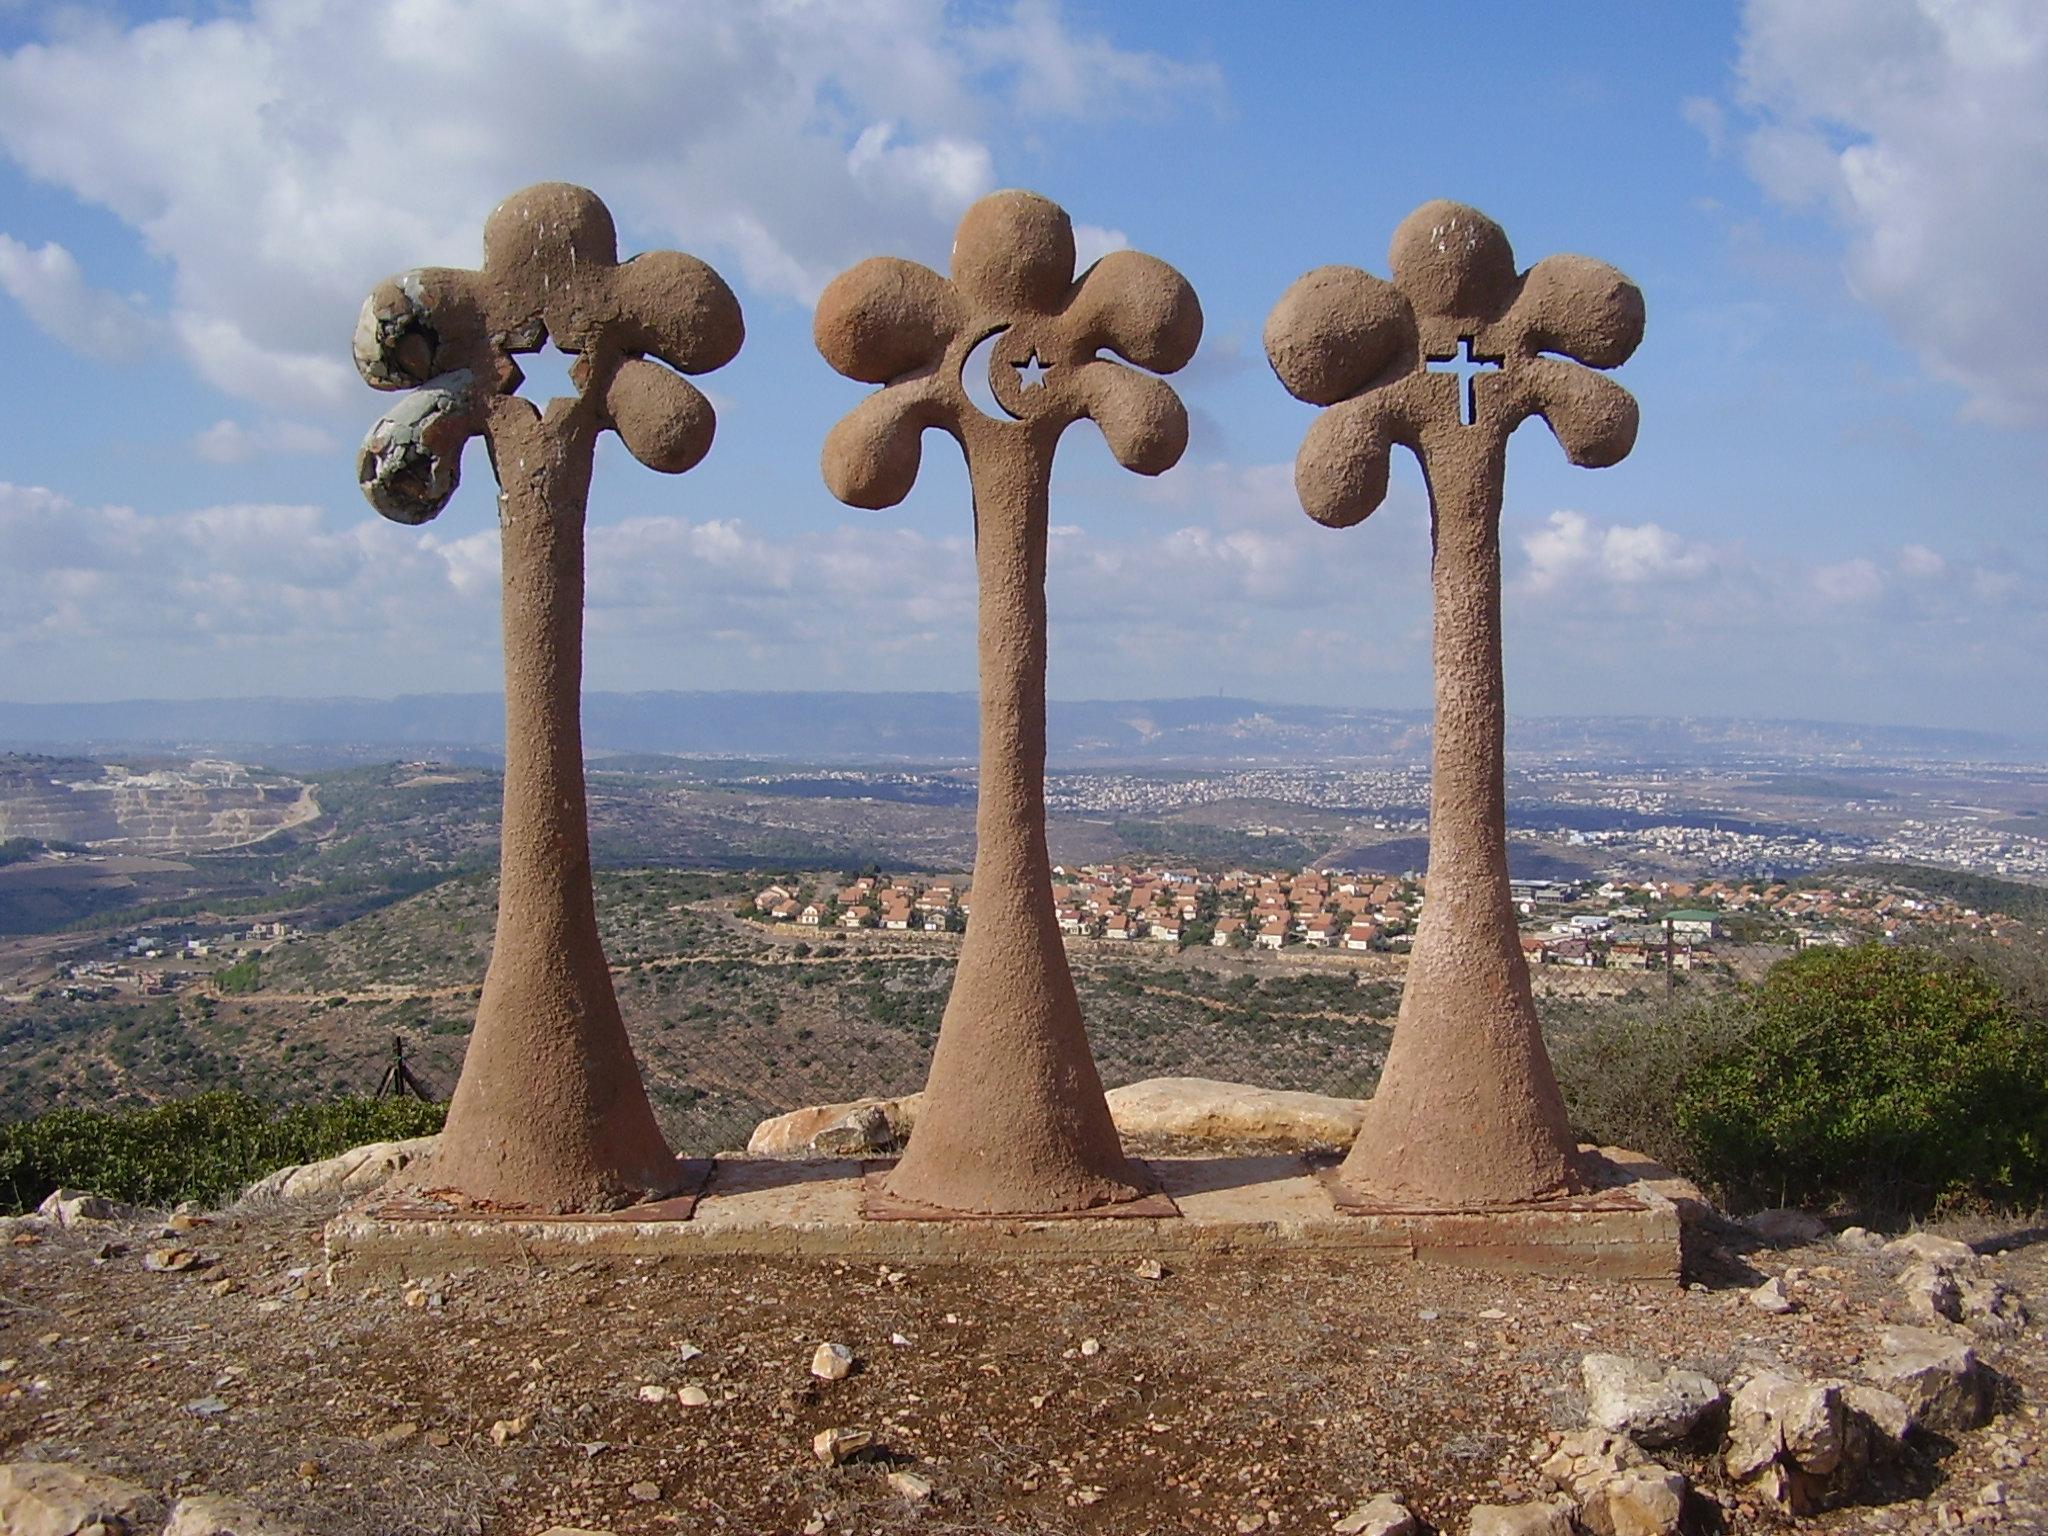 פסל אחוות שלוש הדתות בכאוכב אבו אל-היג'א. צילום: אבישי טייכר.